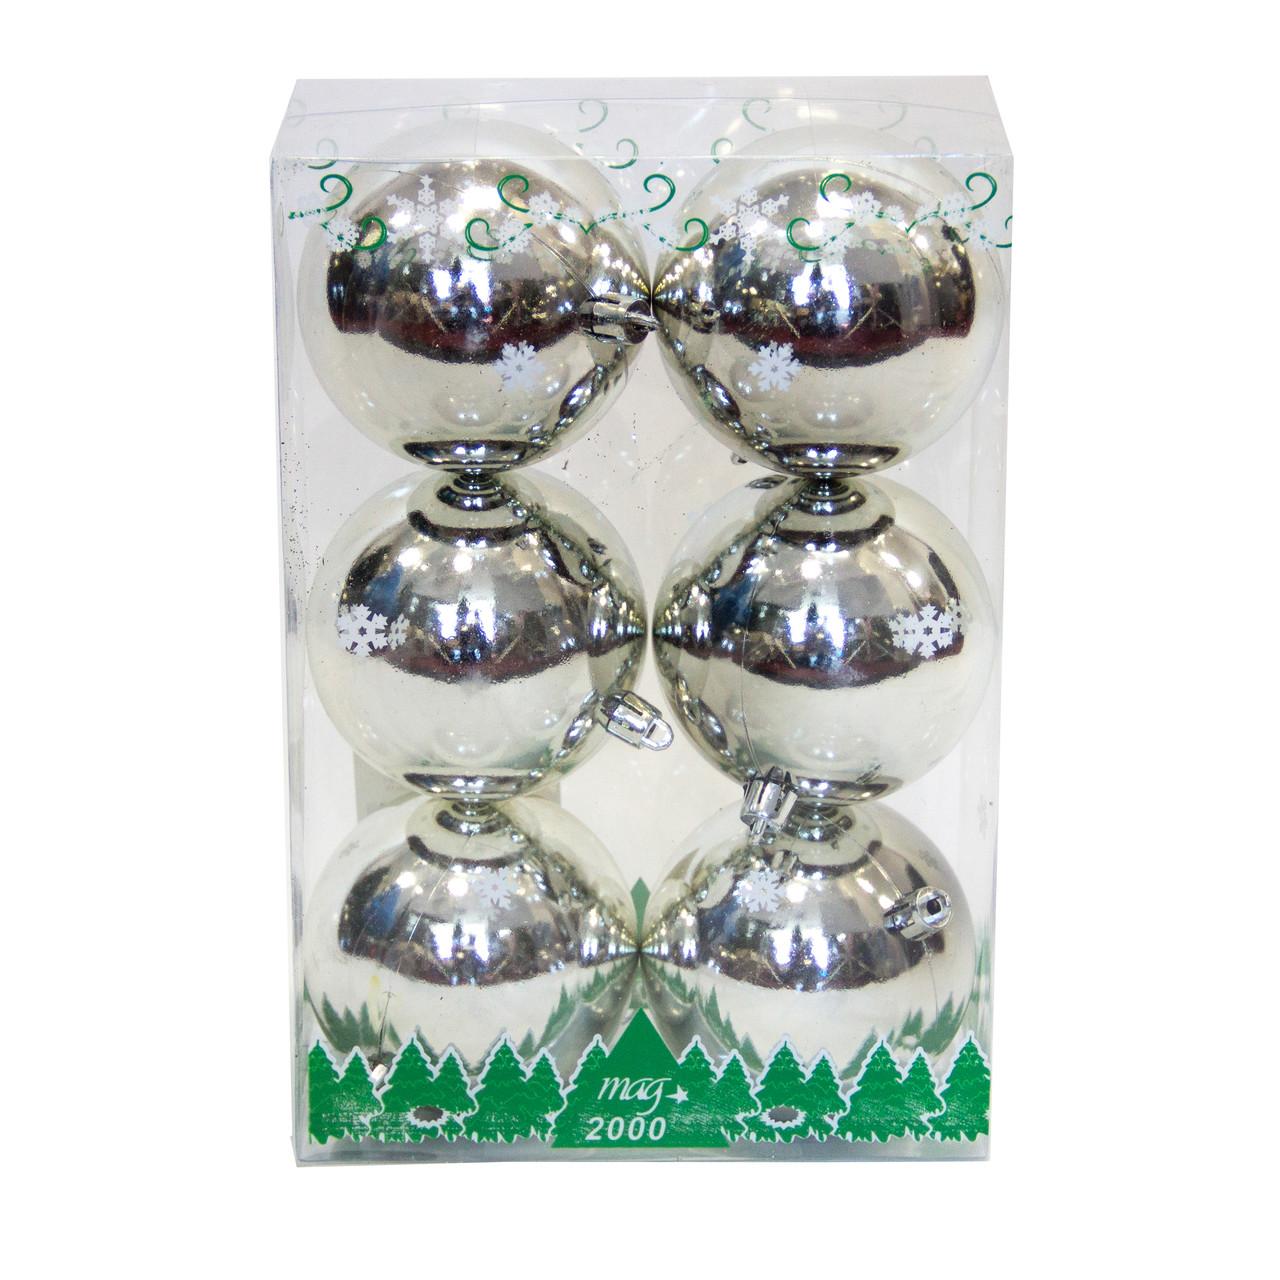 Набор елочных игрушек - шары в боксе, 6 шт, D8 см, серебристый, глянец, пластик (890810)